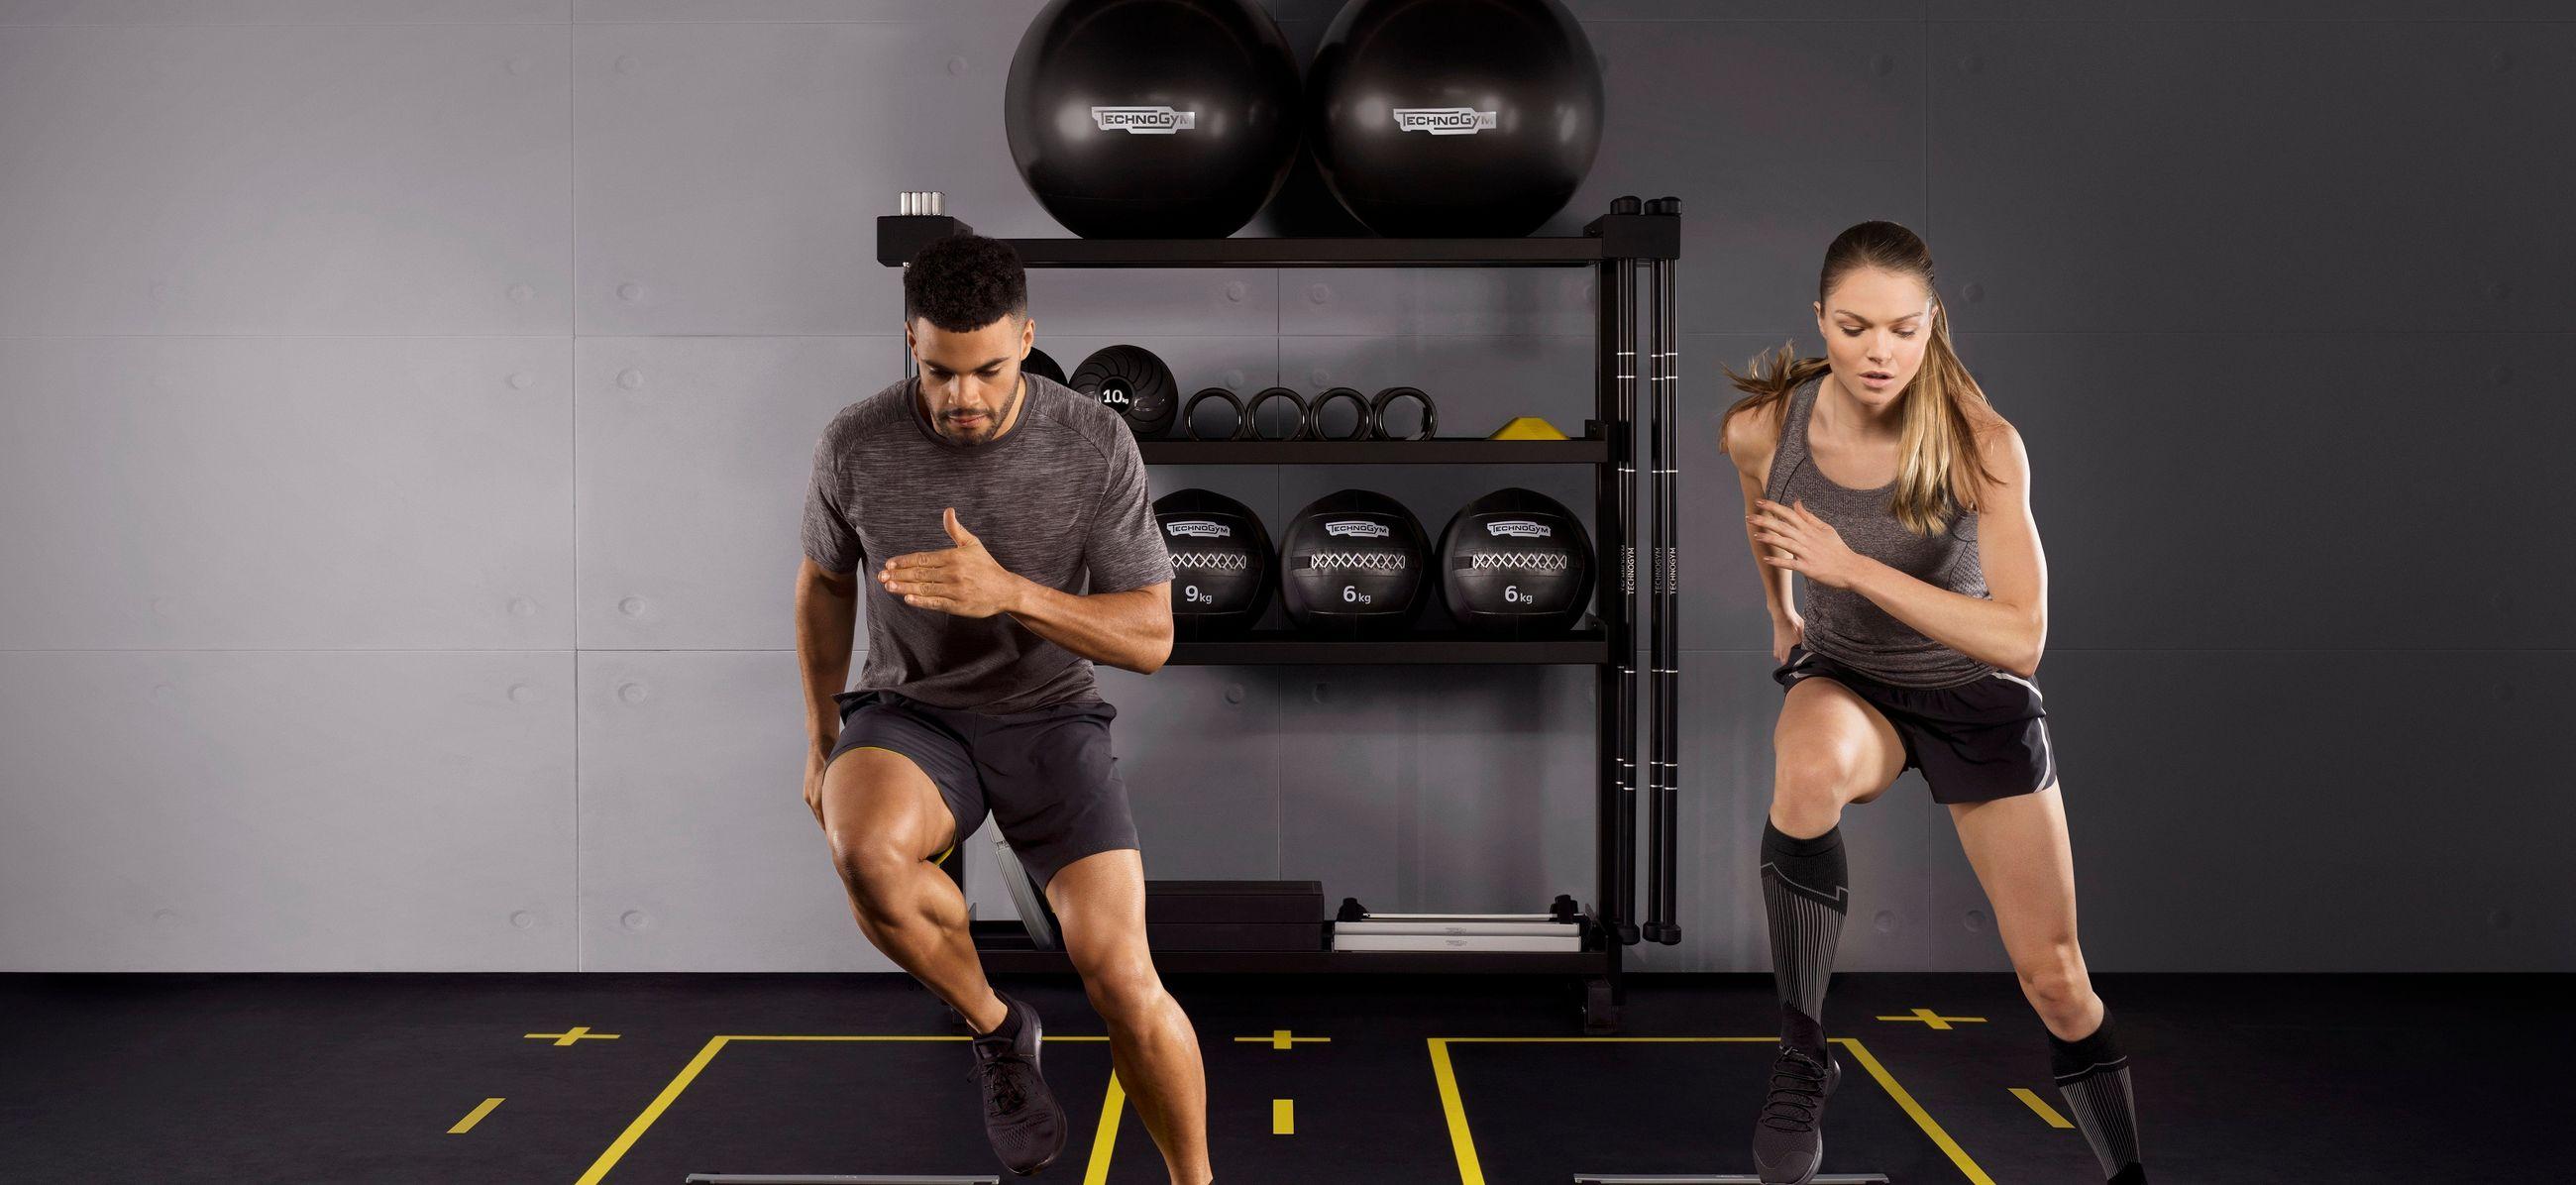 Skilltools - funksjonell trening fra Technogym